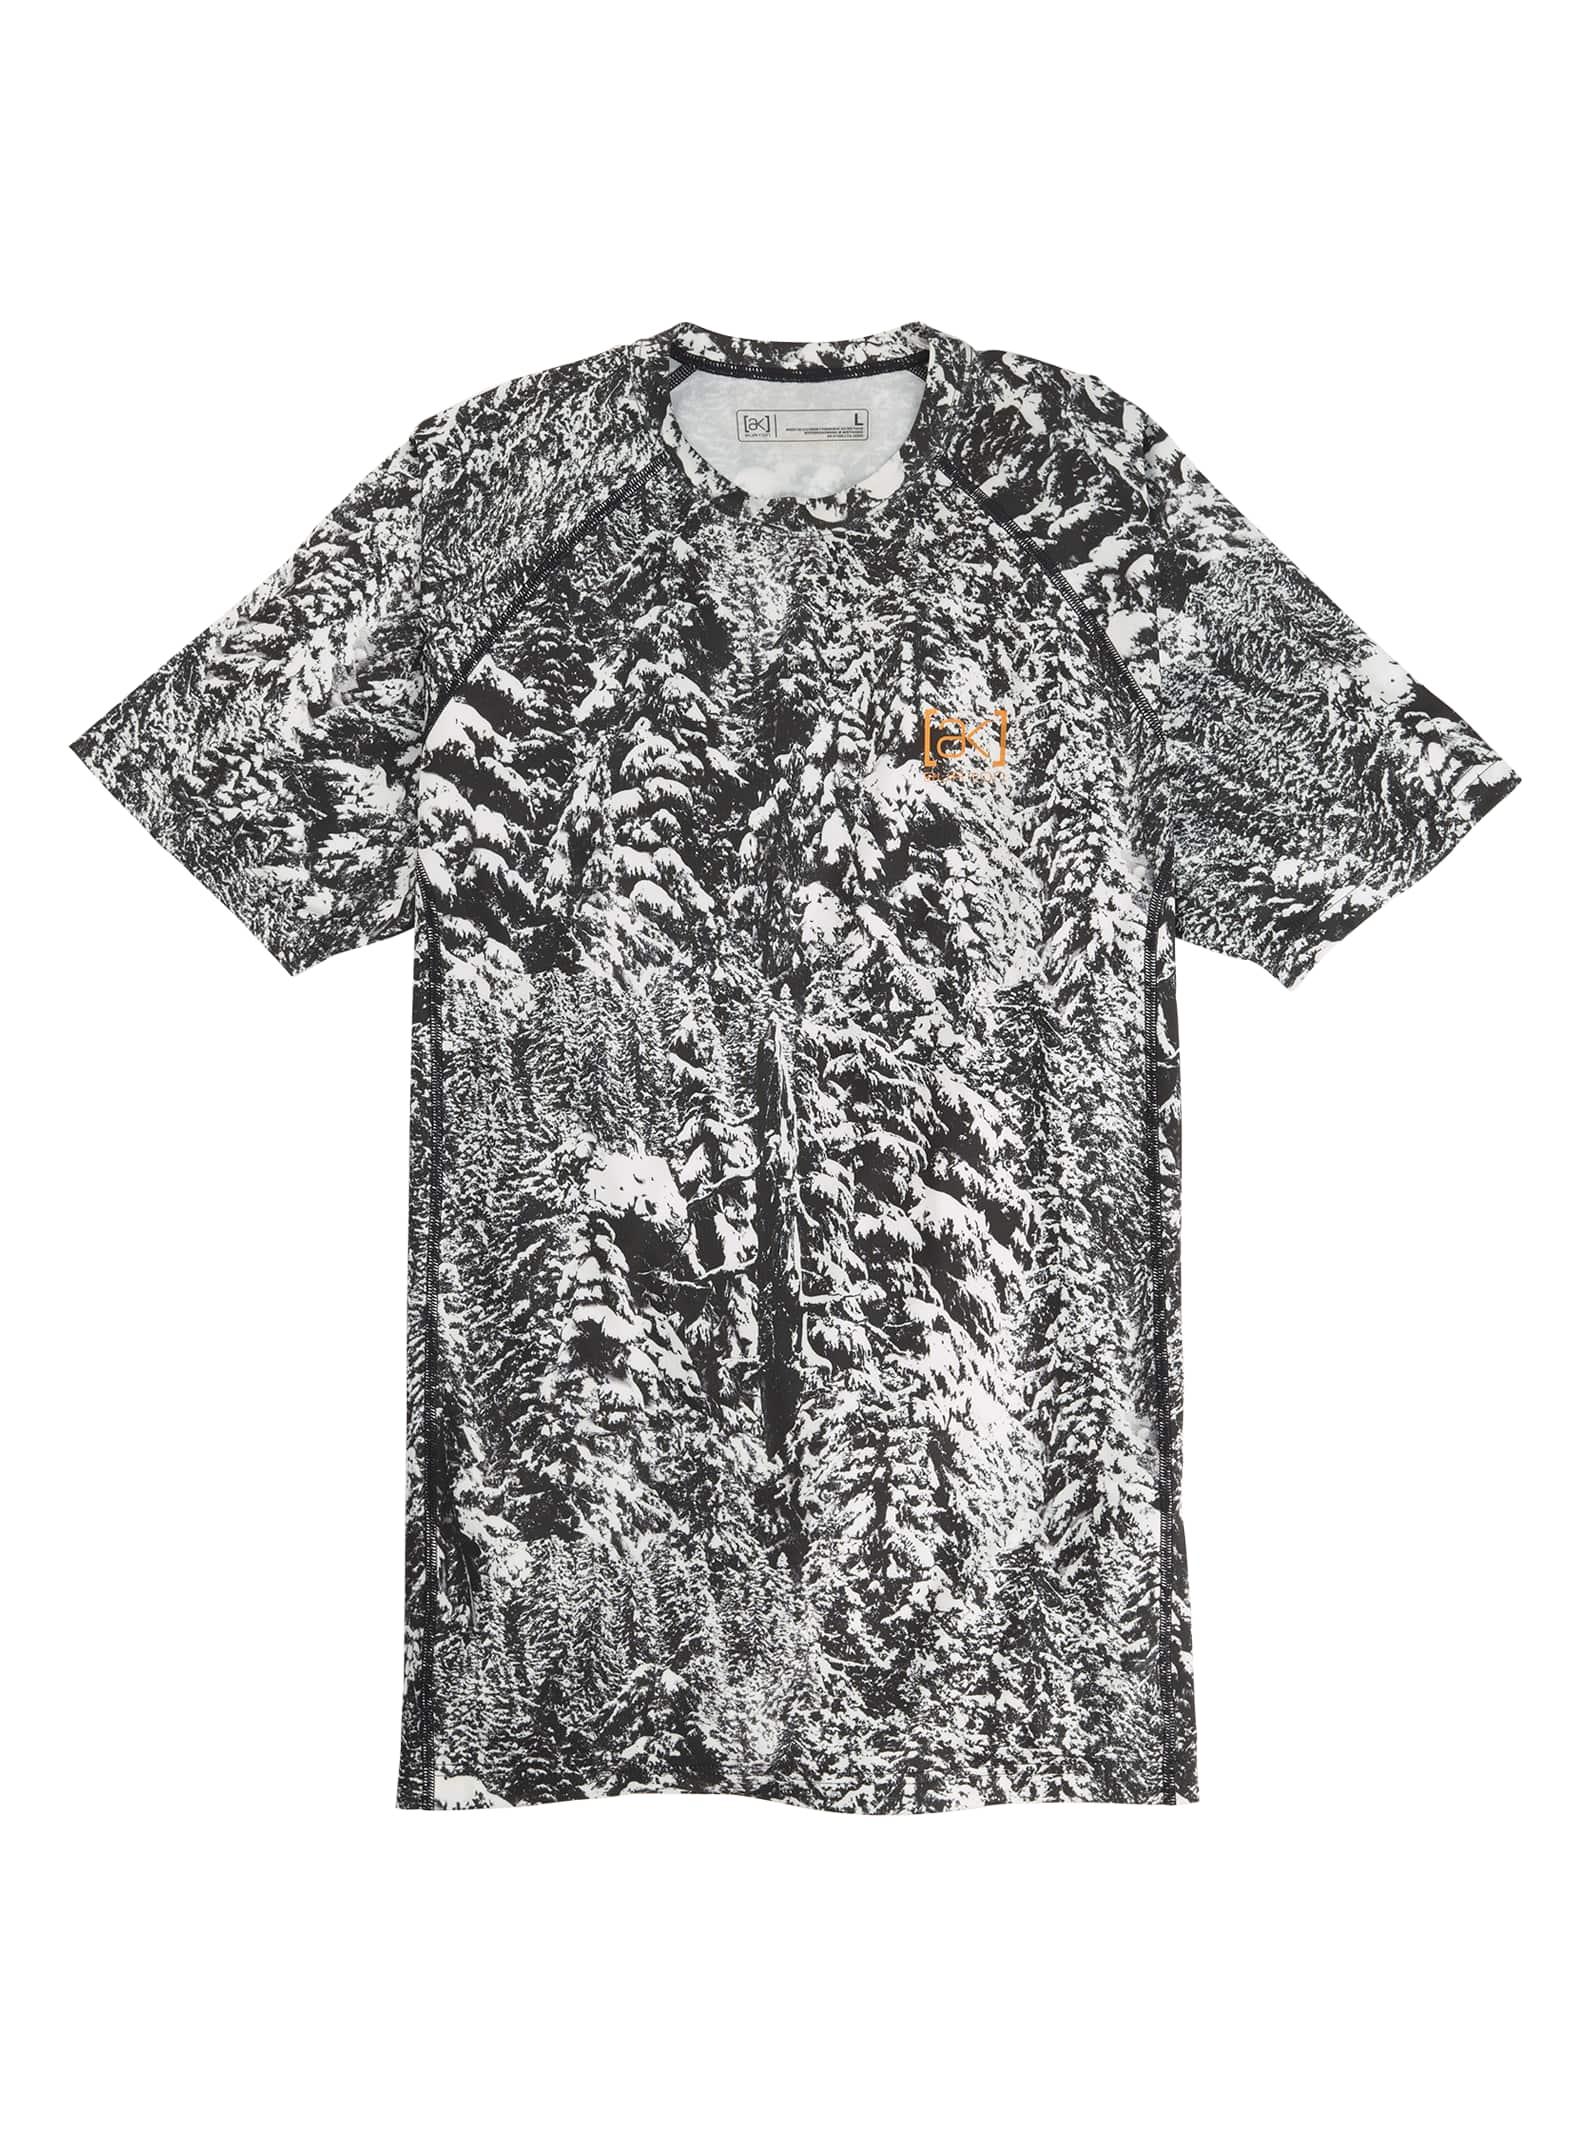 Burton [ak] Power Grid® underställ t-shirt för herrar, Blotto, XS